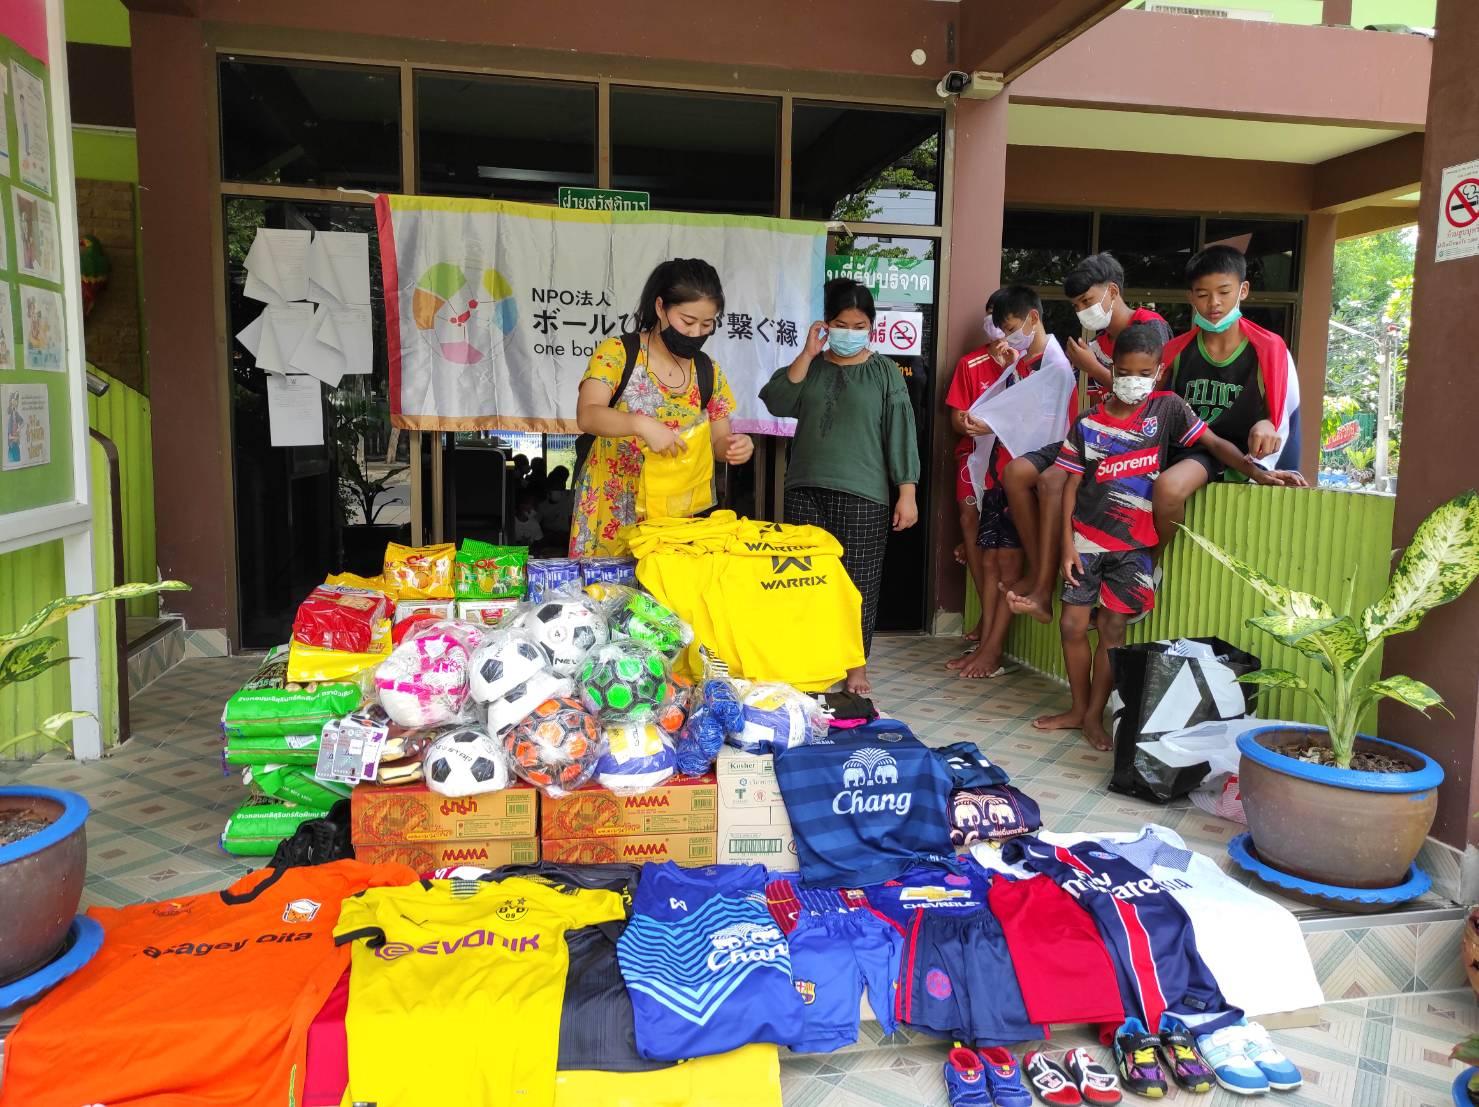 サッカー物資支援NPOボールひとつがつなぐ縁タイ王国 バンコク bannmahamek LIVE支援(2021年4月17日)